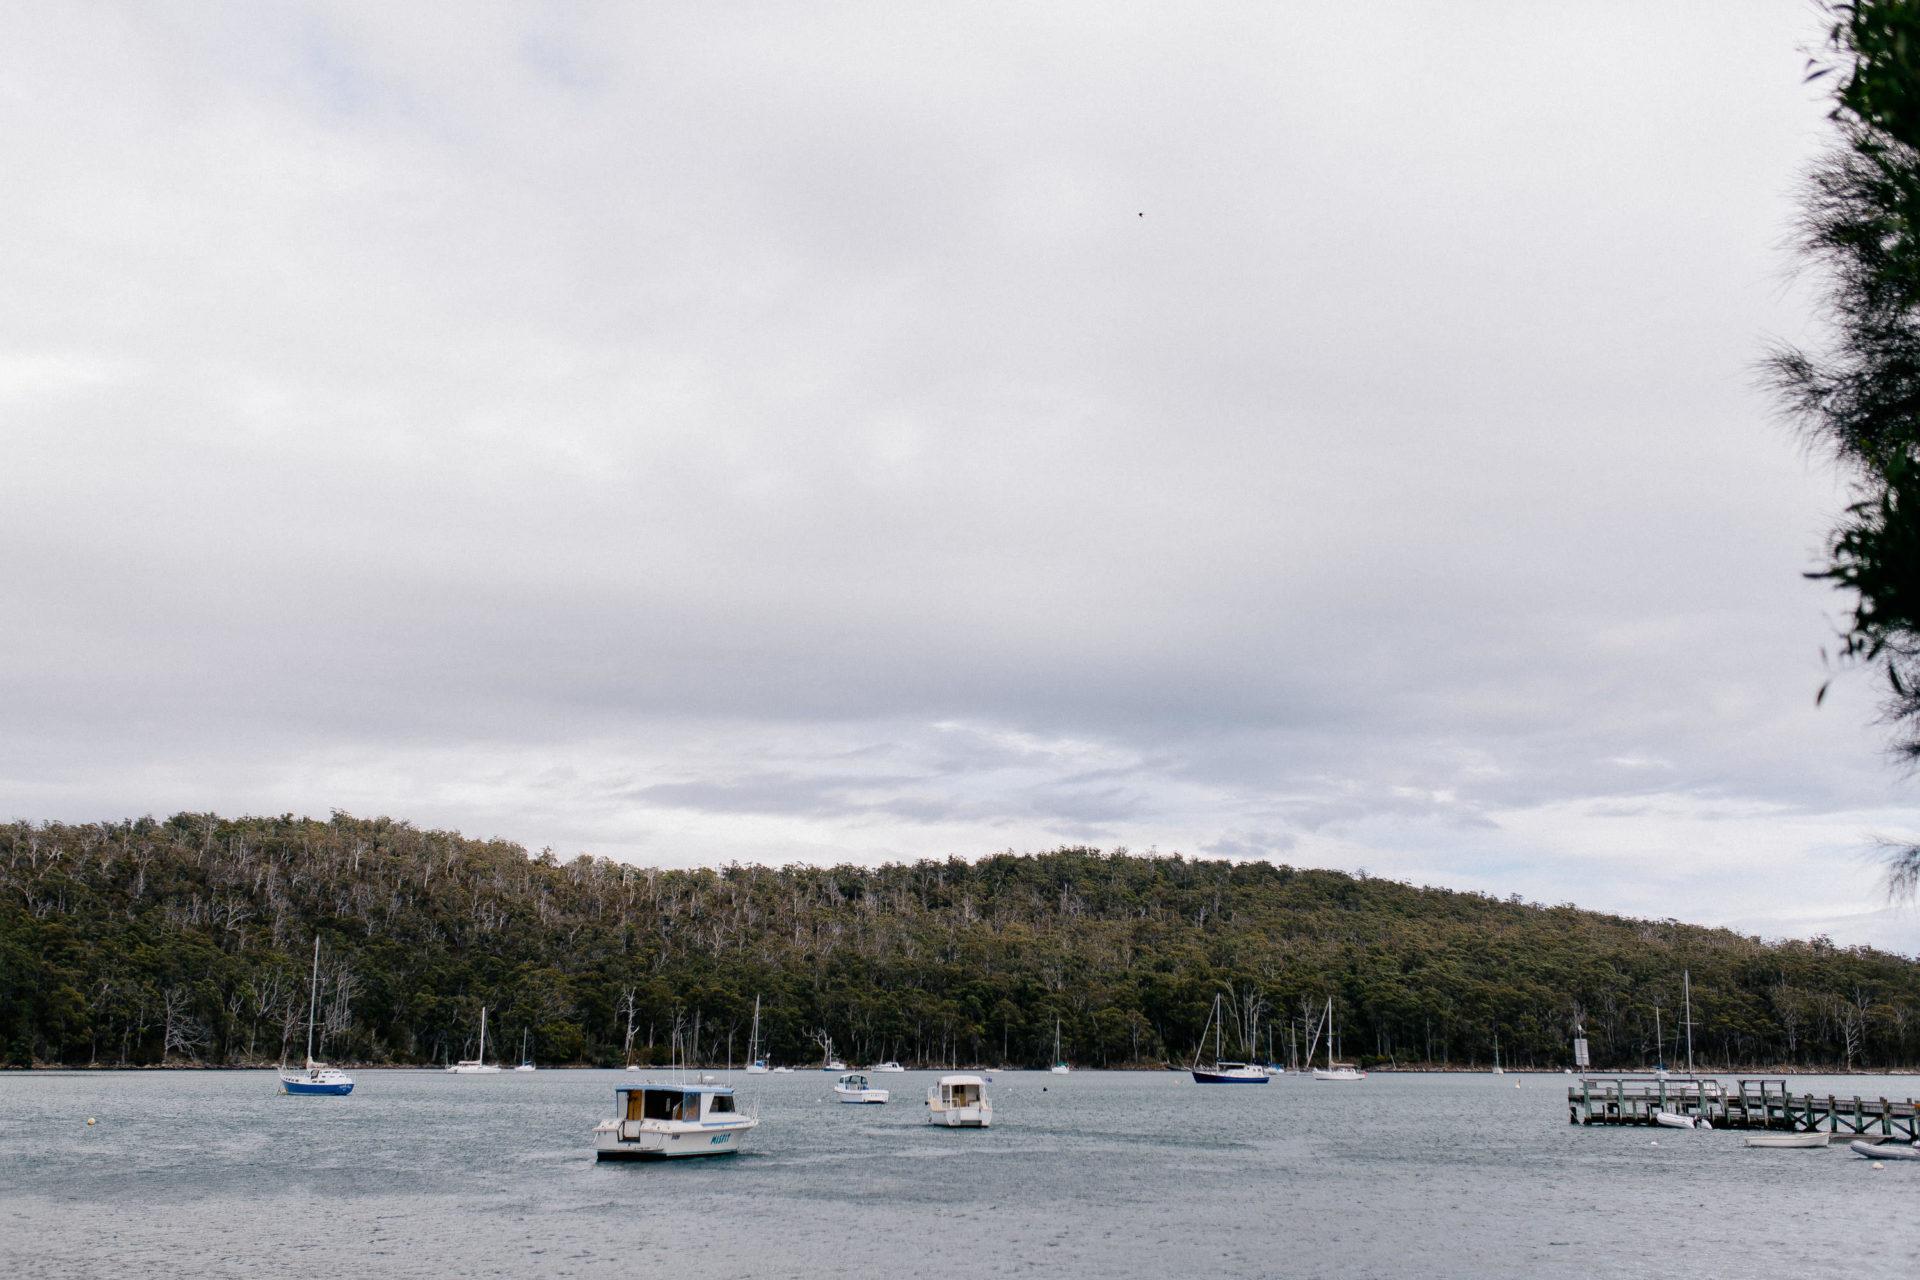 Tasmanien-erleben-roadtrip-rundreise-wunderschöne langschaften-port Arthur